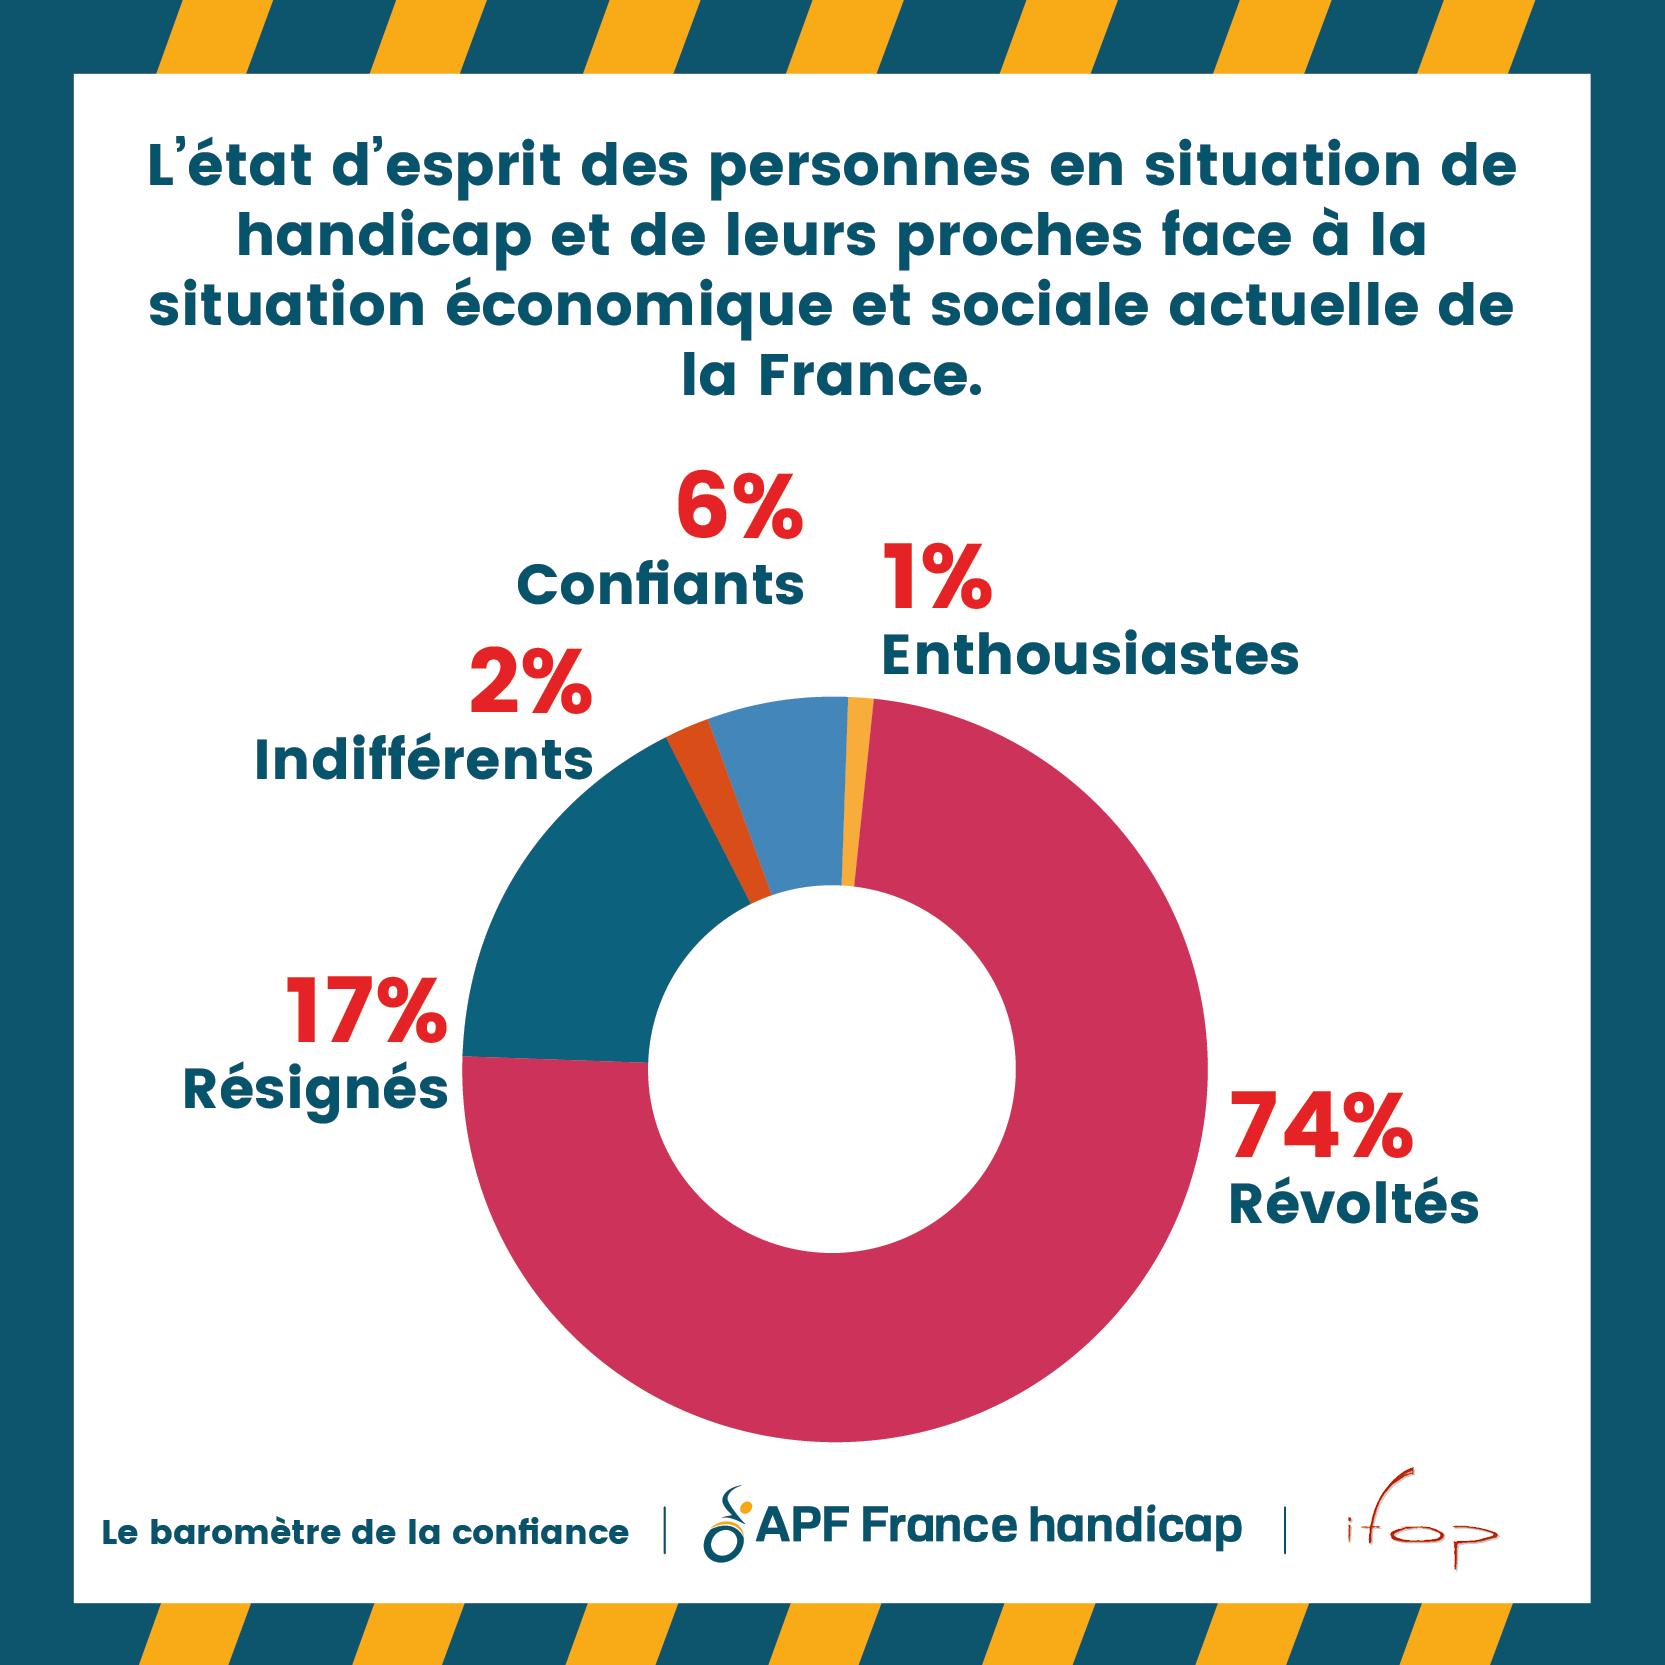 état d'esprit des personnes face à la situation économique de la france : 74% révoltés, 15% résignés